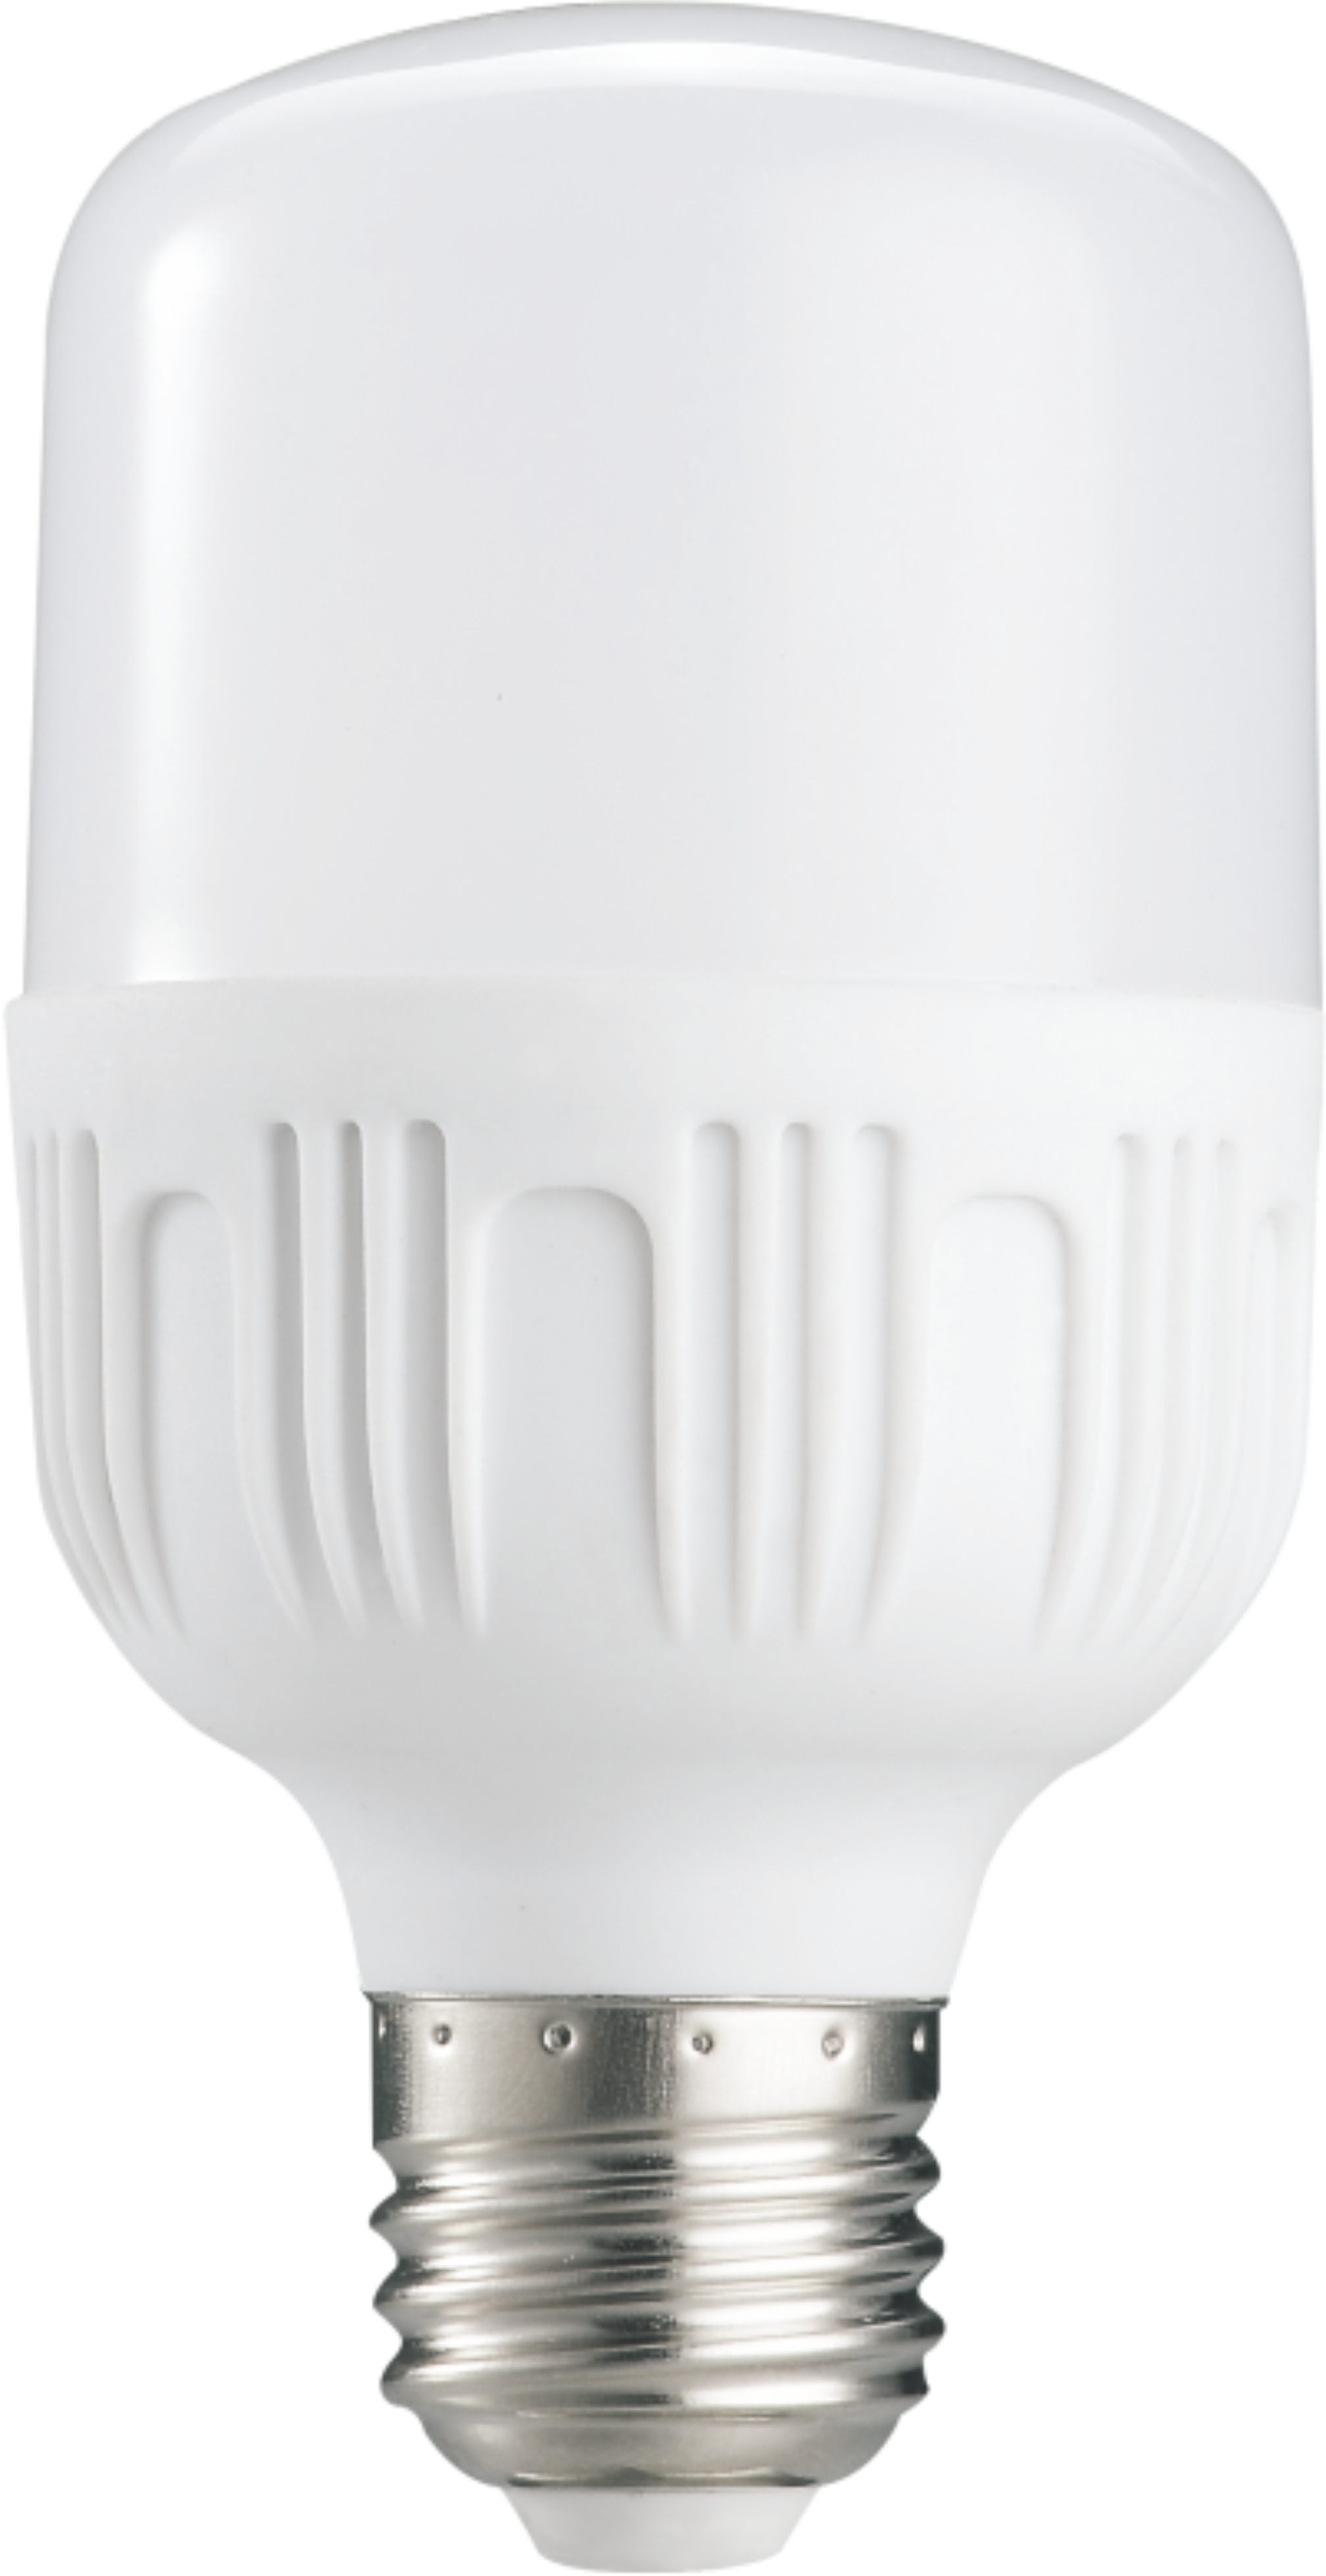 LED白光超亮大功率节能球泡灯